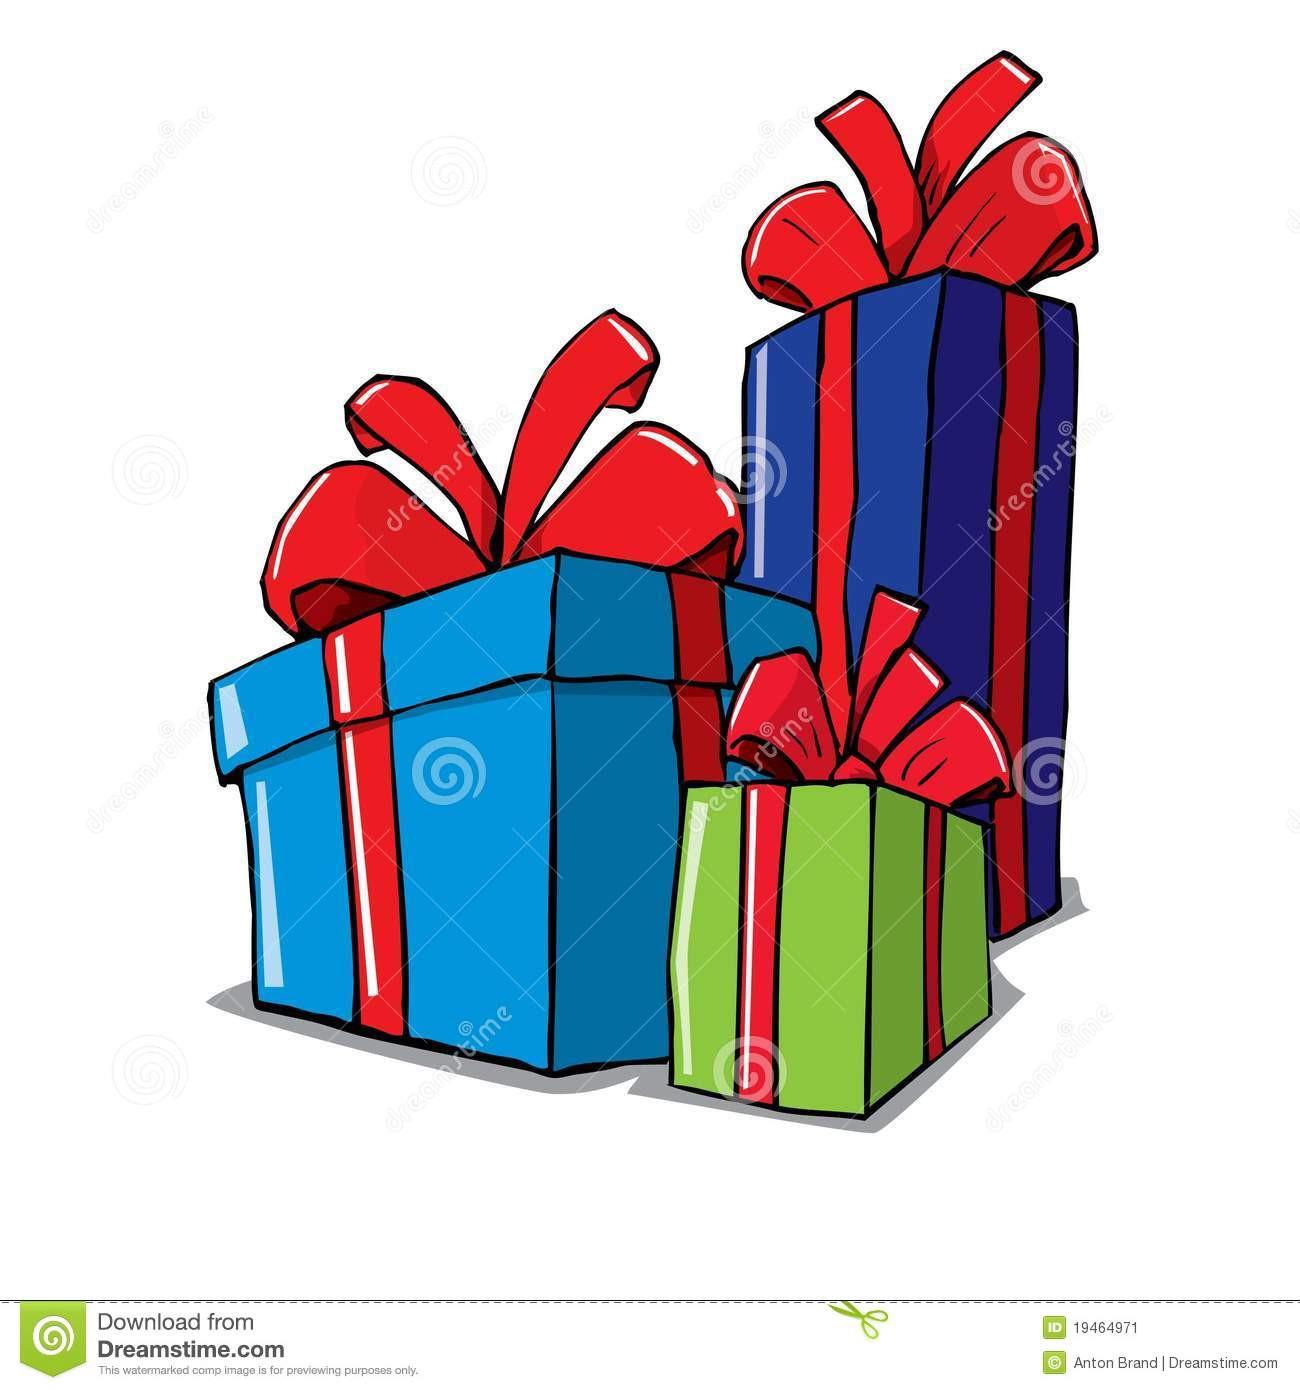 Dessin Anim De Groupe De Cadeaux De No L Image Stock – 3 tout Dessin Cadeau De Noel